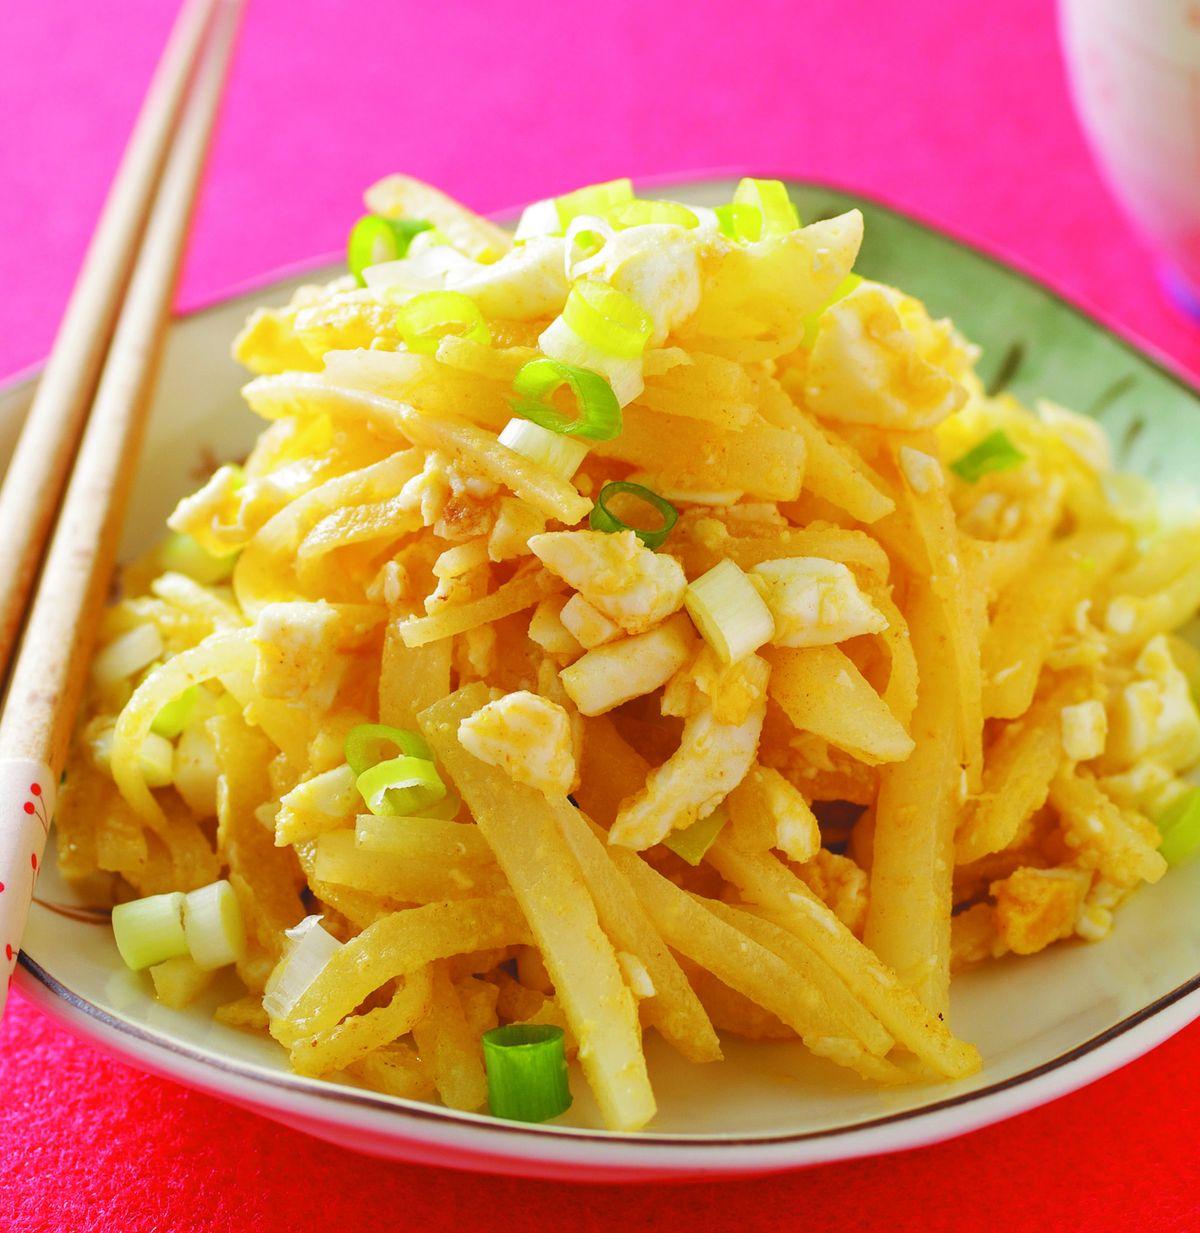 食譜:蘿蔔絲炒鹹蛋